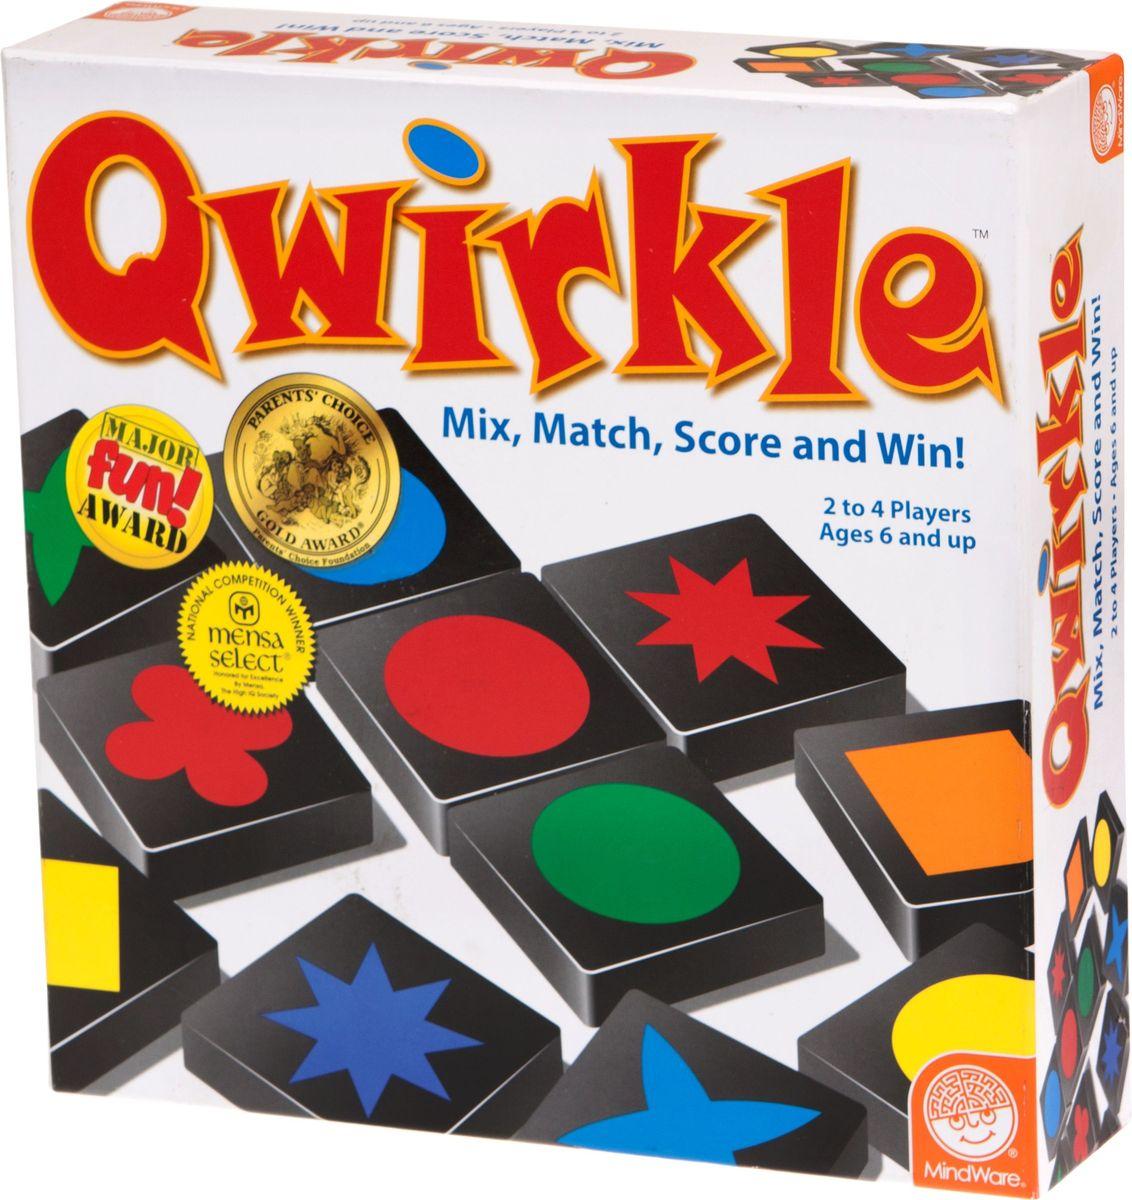 MindWare Настольная игра Qwirkle32016Ну-ка фишки, стройтесь в ряд! Разнообразие фигур — как в шахматах; двойная система подобий — как в картах; необходимость выстроить ряд, не дав сделать это соперникам — как в классической фишечной игре. Что это такое? Как оно стало лучшей игрой 2011 года в Германии? И почему удалось продать уже больше 300 тысяч коробок с этой игрой? Это Квёркл, и сейчас — ваш ход! А это значит, что вы должны положить одну из 108 фигурок так, чтобы она стала частью линии, одинаковой по цвету (их в игре шесть) или по форме (которых столько же). Можно не одну, можно больше — главное, чтобы продолжались указанные ряды, а у вашего соперника не было шанса следующим ходом догнать их до заветной шестерки. Ведь тогда бонусные очки, то есть, квёрклы, достанутся не вам, а ему. Начинает сильнейший Для начала подготовьте ручку и бумажку для записи очков, спокойно сядьте, сосредоточьтесь и раздайте фишки. Каждому игроку первоначально достается по 6 фишек, неизвестных его противникам. Начинает игру тот, у кого...